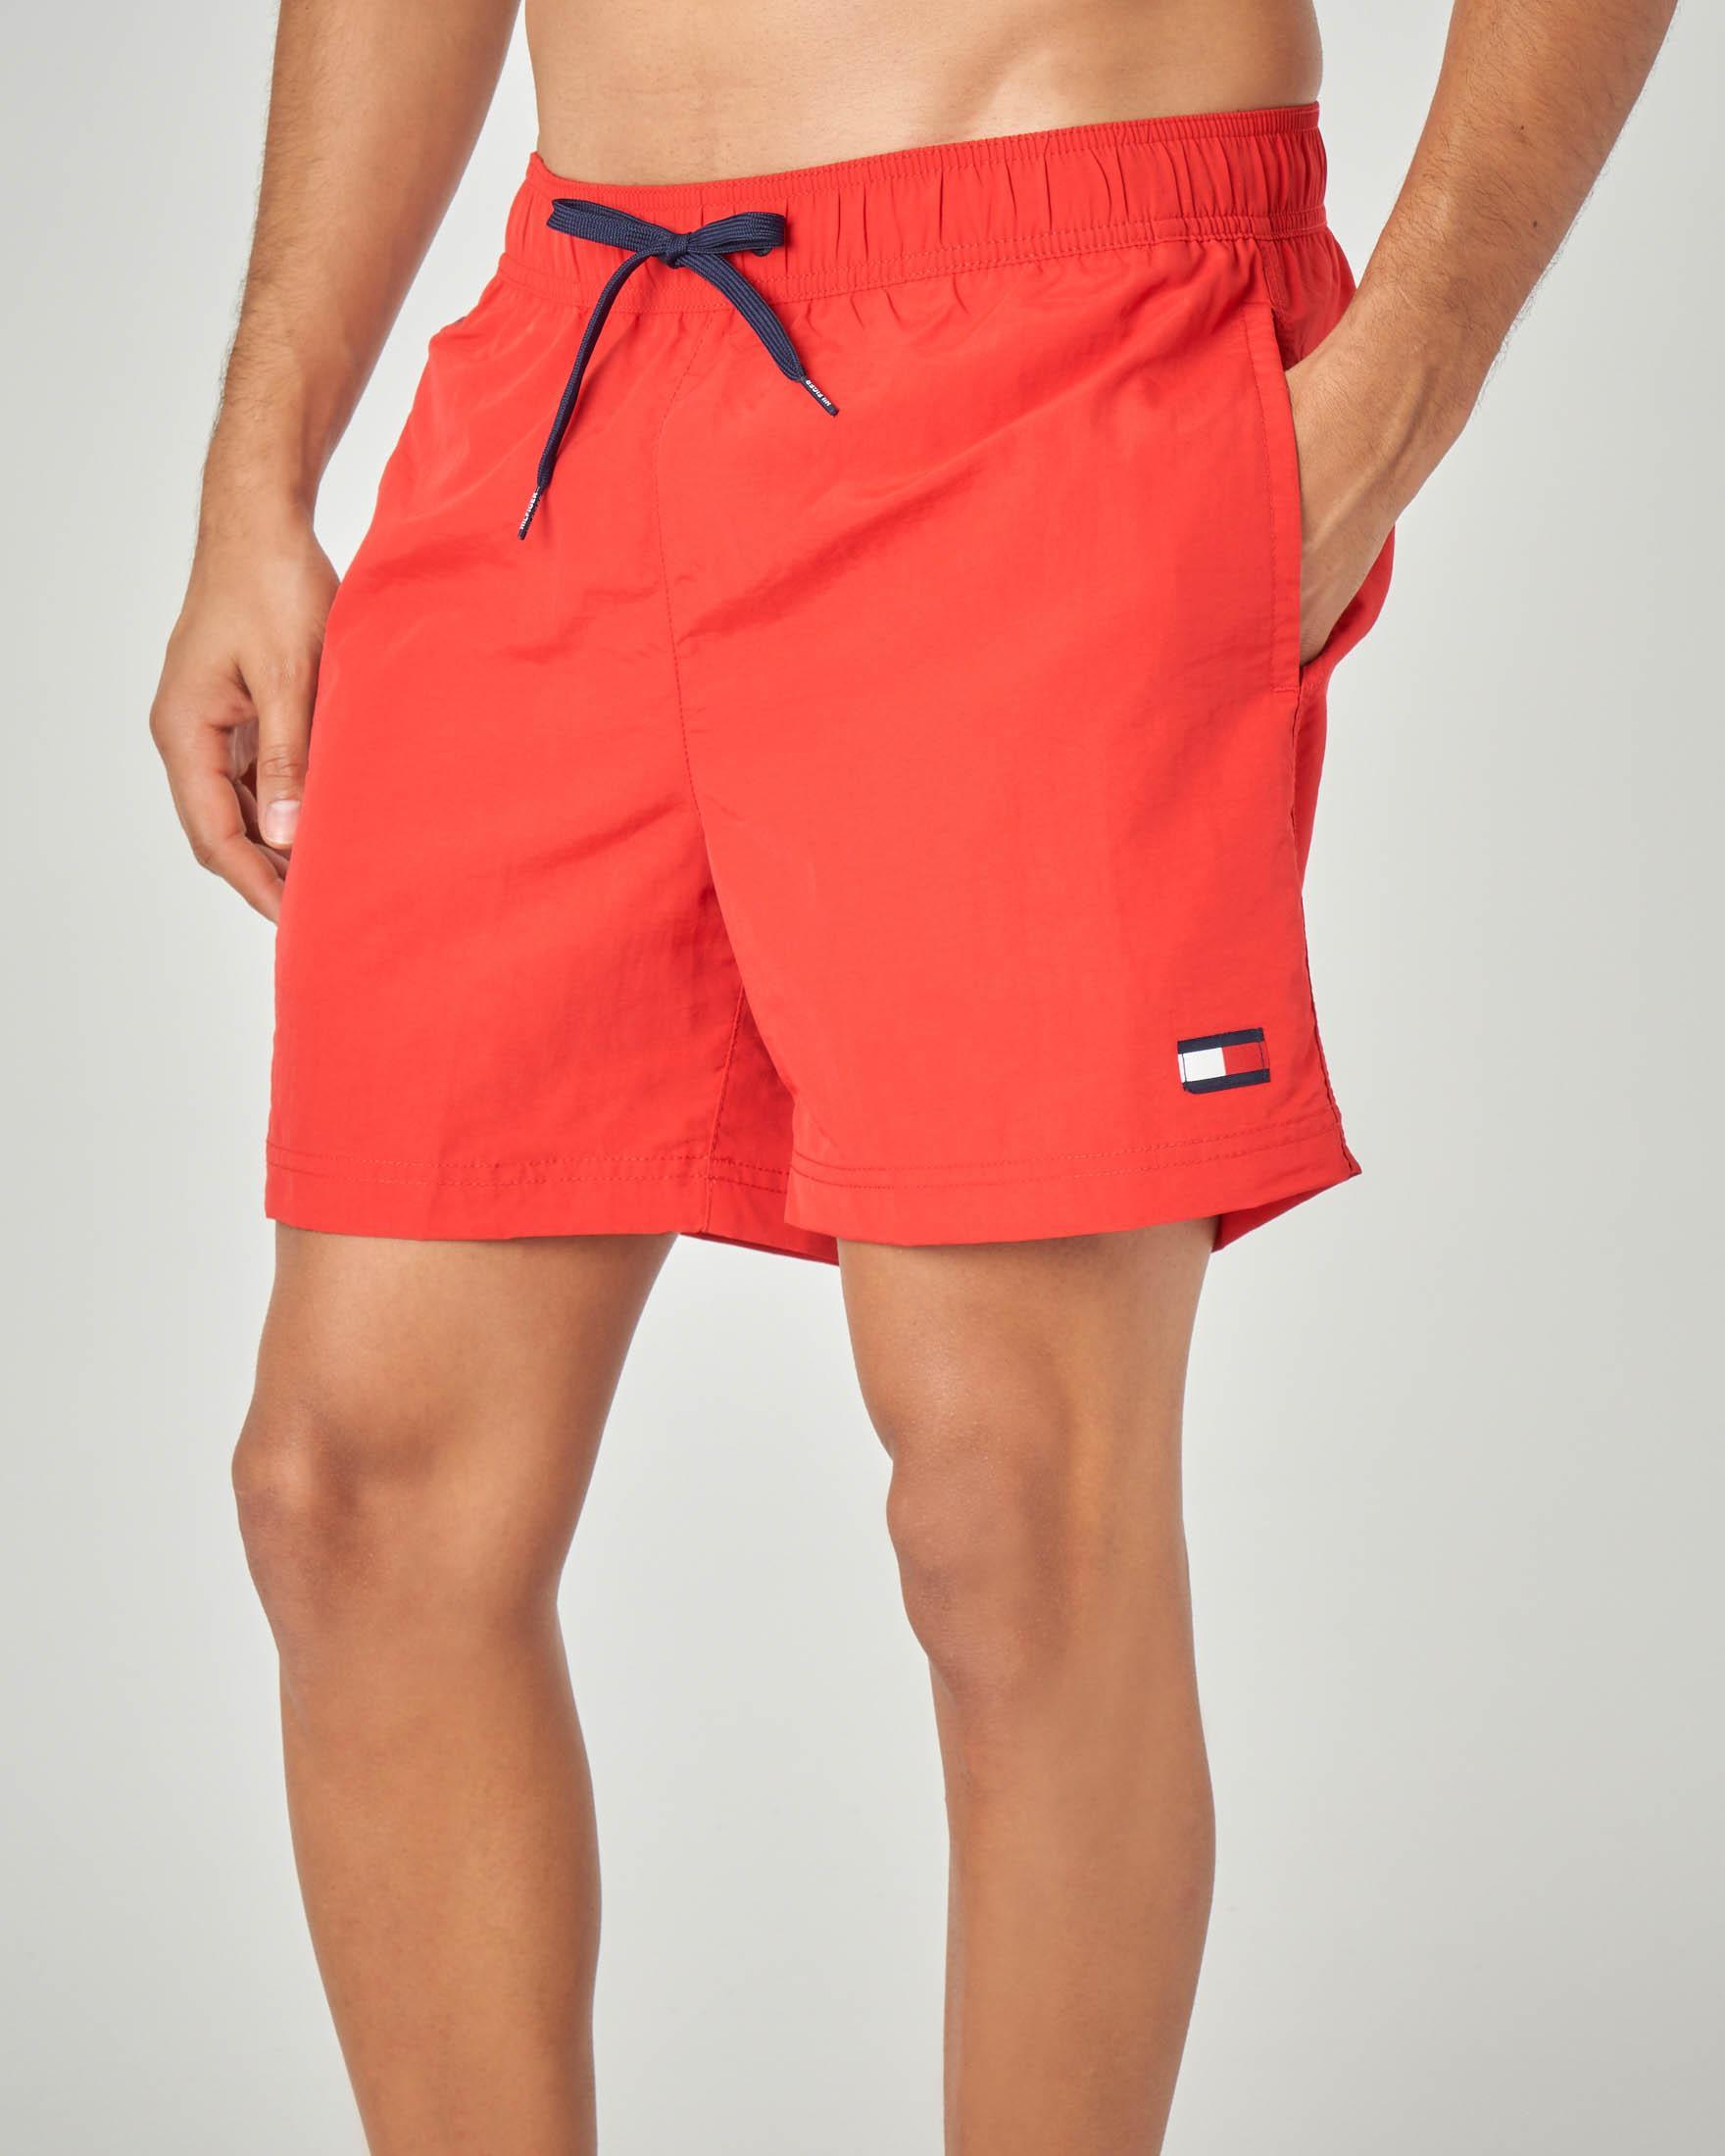 Costume boxer rosso con taschino e logo sul fianco